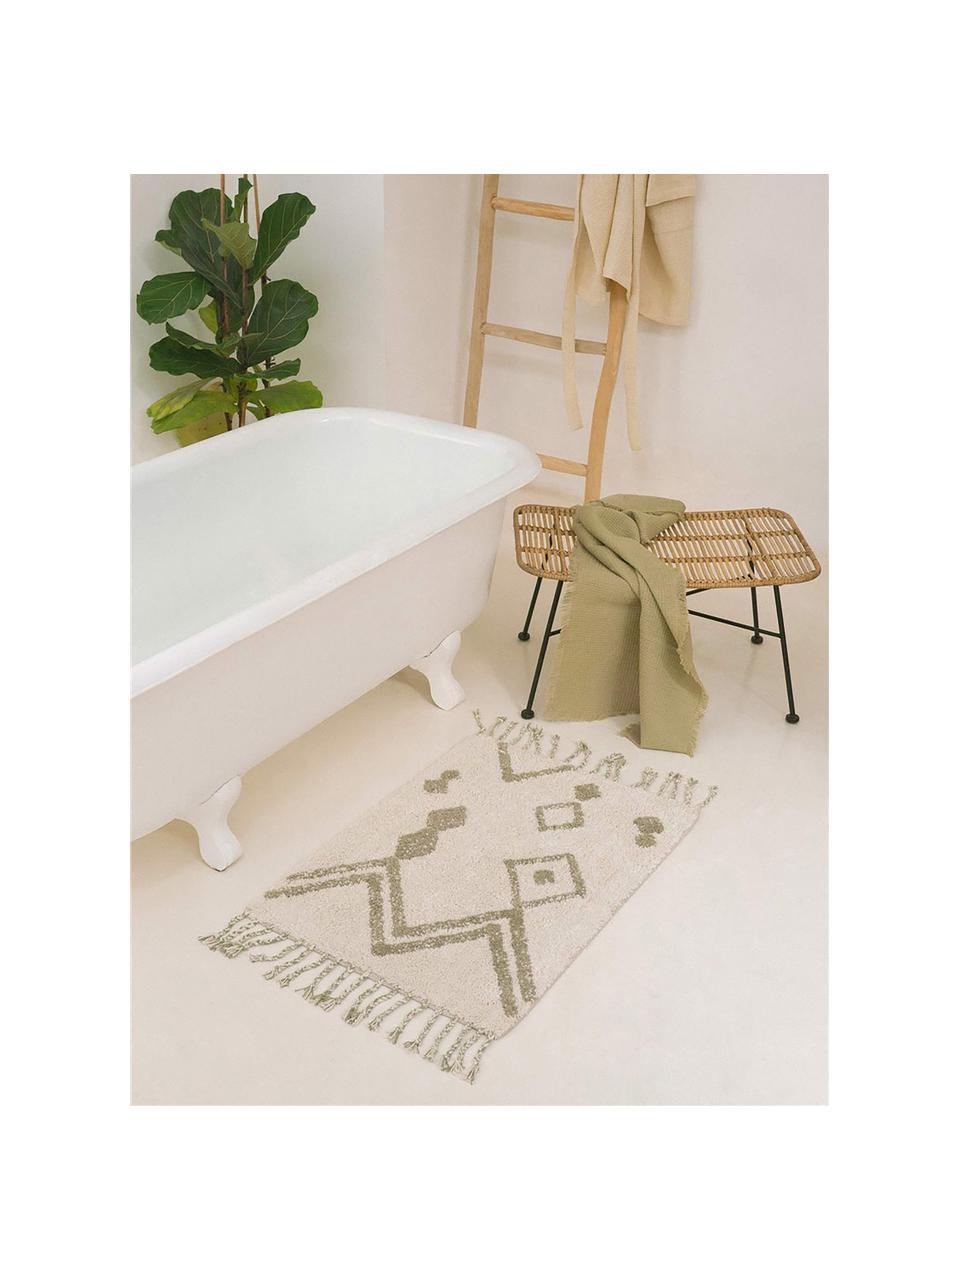 Badvorleger Fauve mit Bohomuster und Quasten in Creme/Beige, 100% Baumwolle, Cremefarben, Beige, 50 x 70 cm